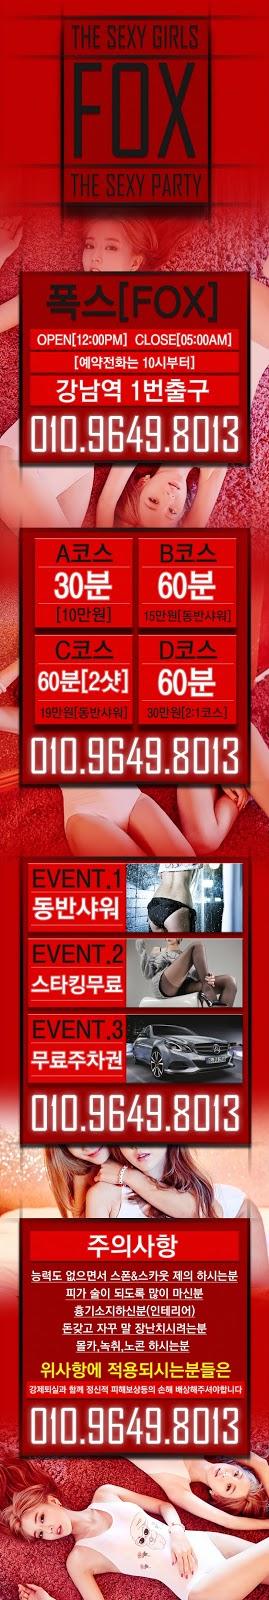 [강 남]-❤특급 NF 영입!!!  마인드 +와꾸 최강!   ❤ ✬✬✬ ❤ HD 100% 실사 ❤ ✬✬✬ ◘◘◘ 오피 휴게텔 ❤ 명품 FOX ❤ ◘◘◘